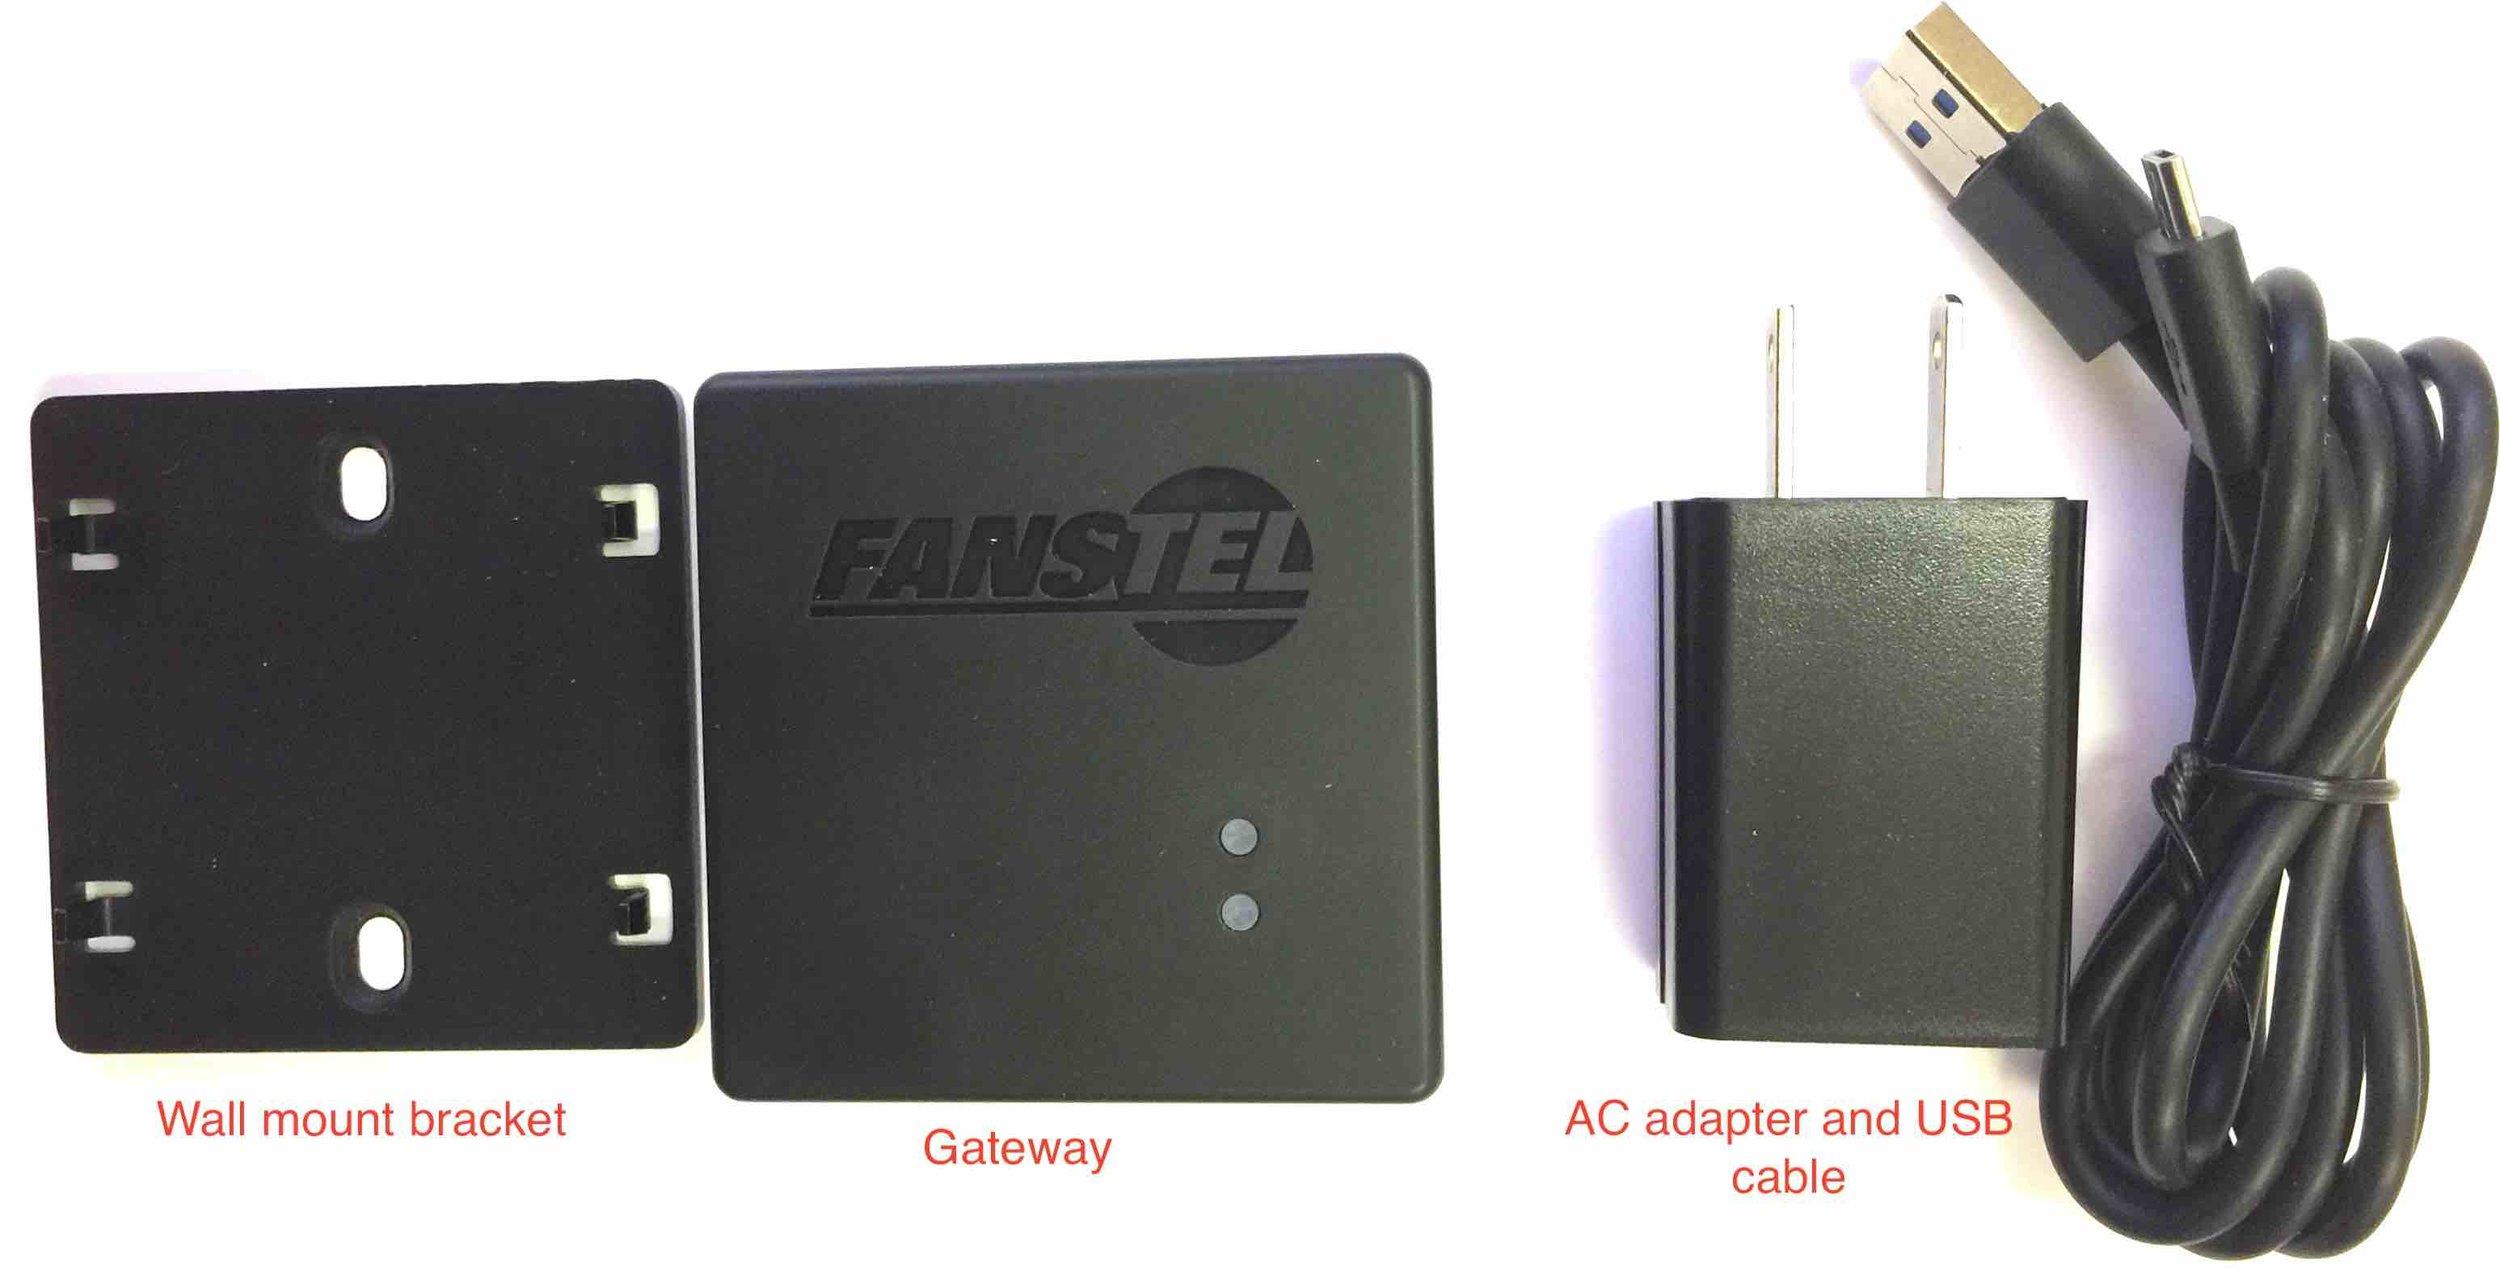 WiFi to Bluetooth 5 gateway